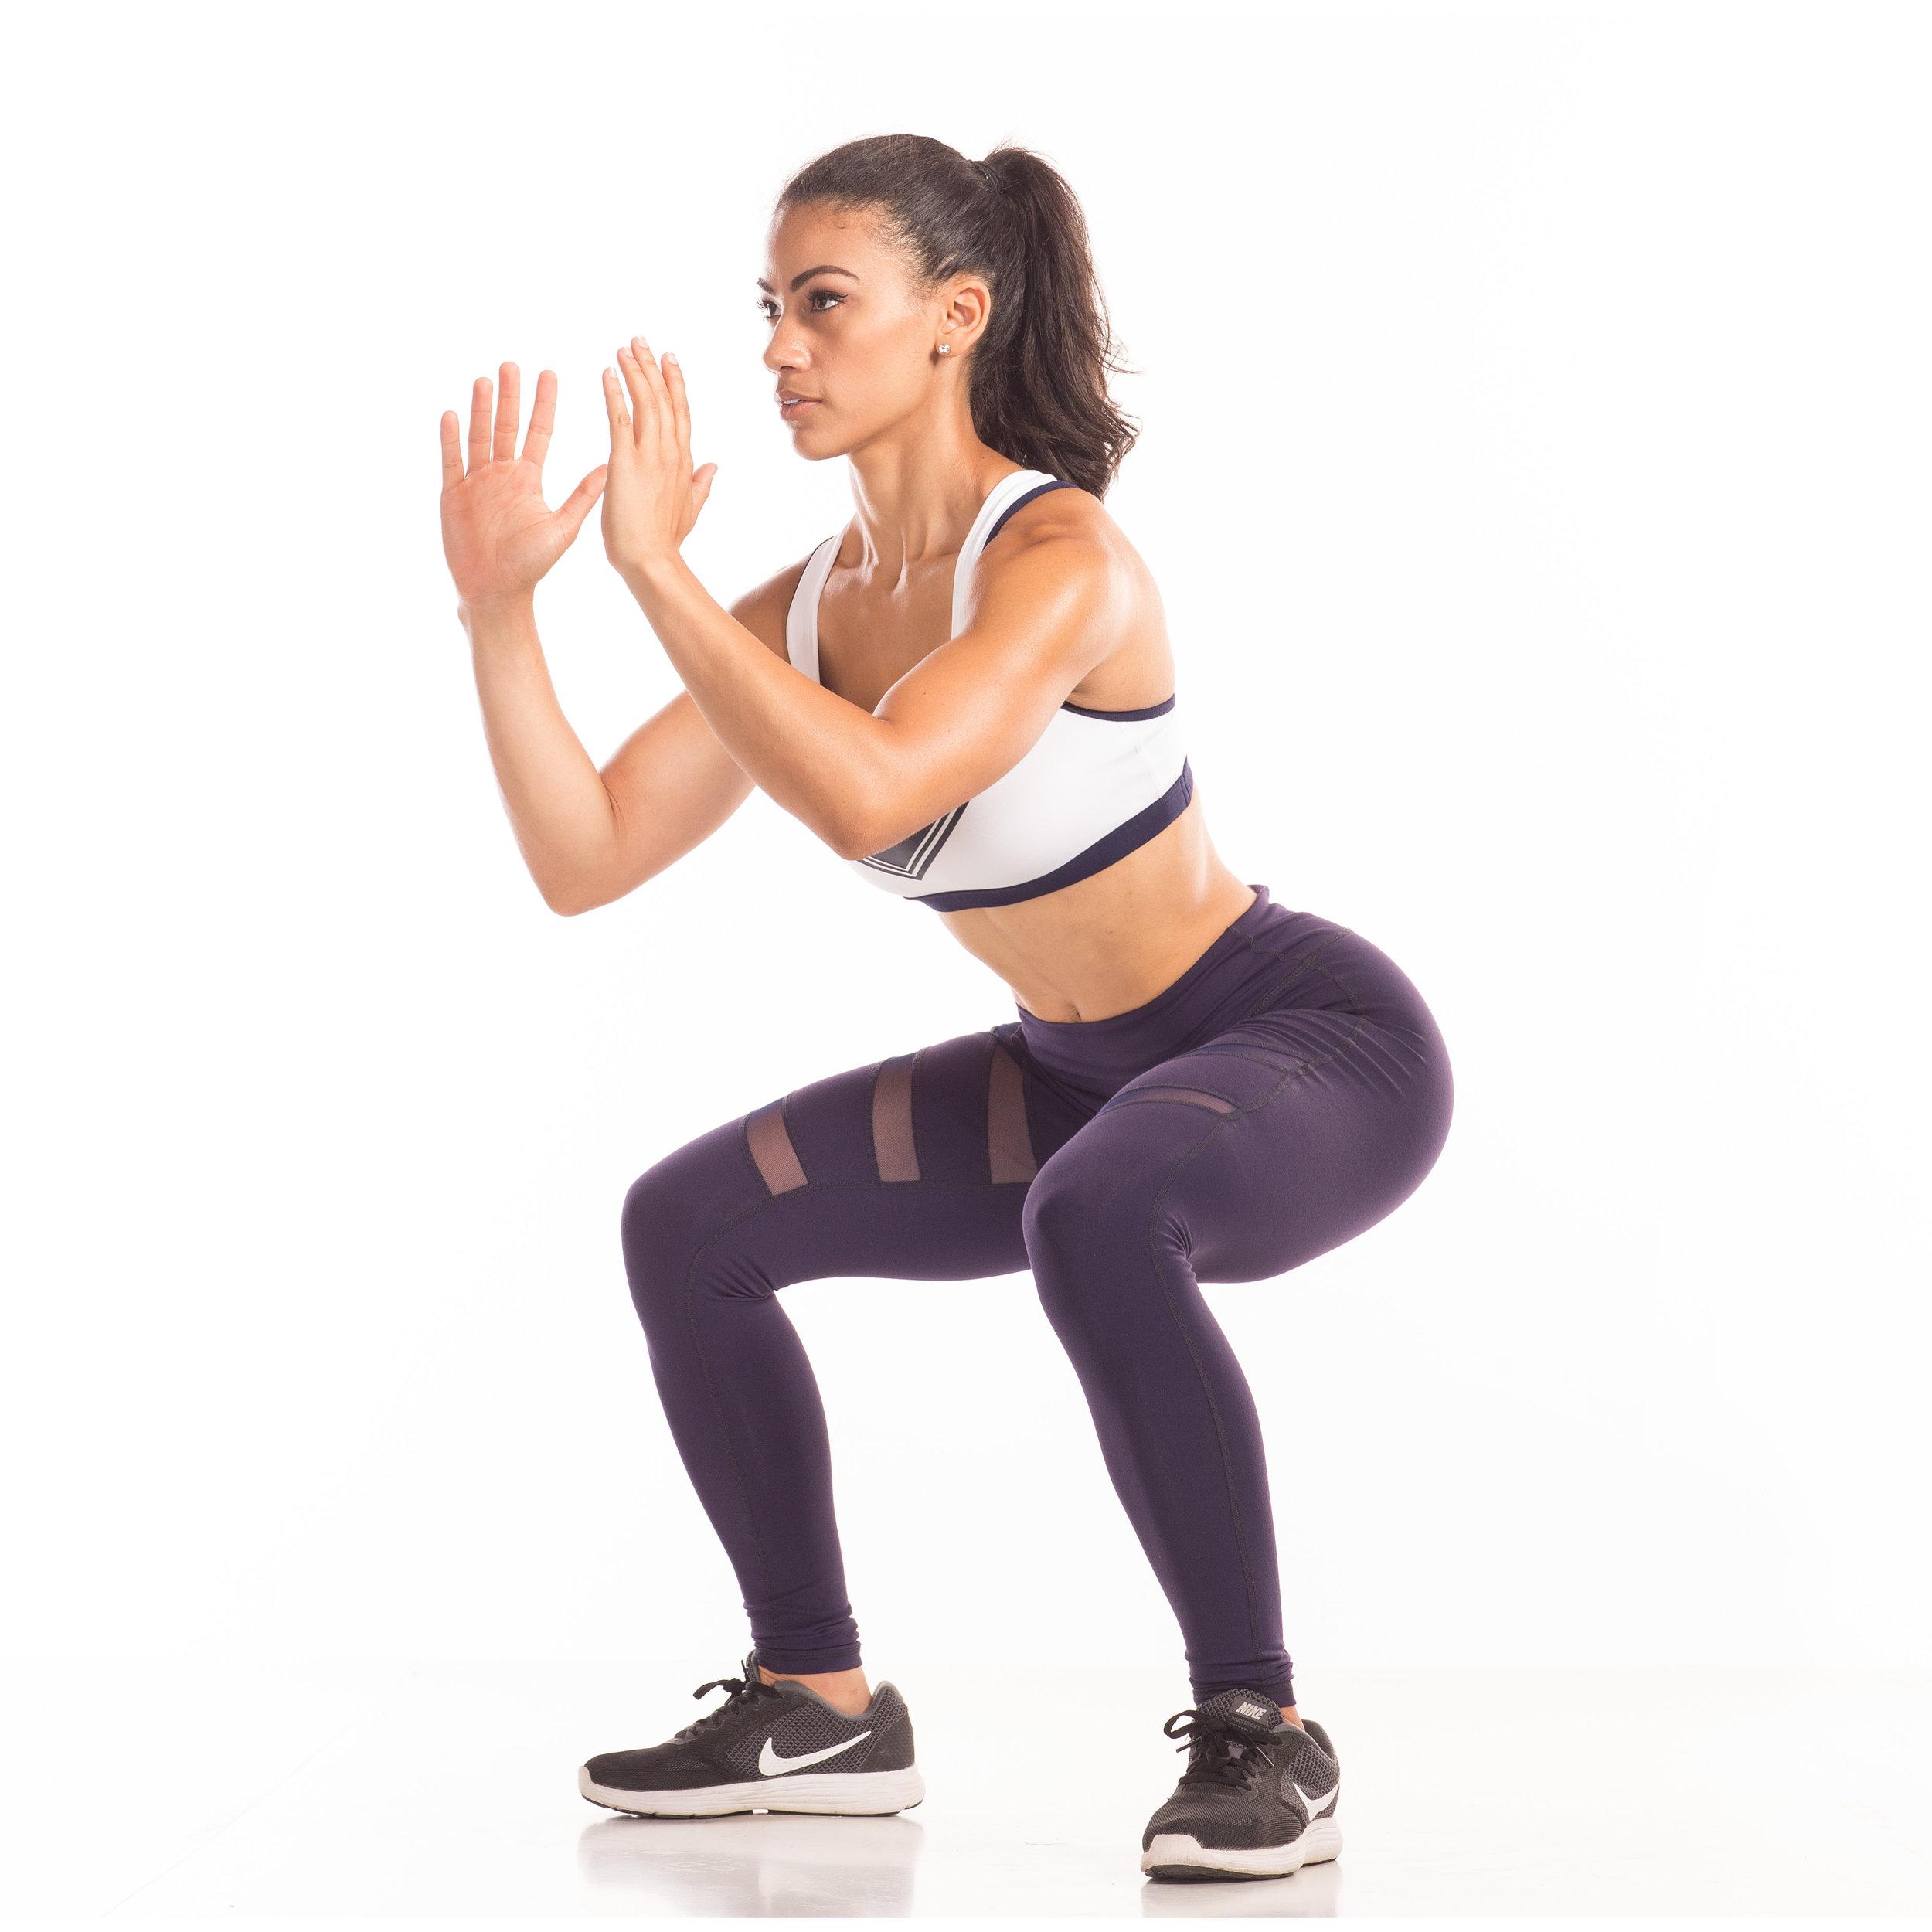 _NEV8718 - squats 1.jpg